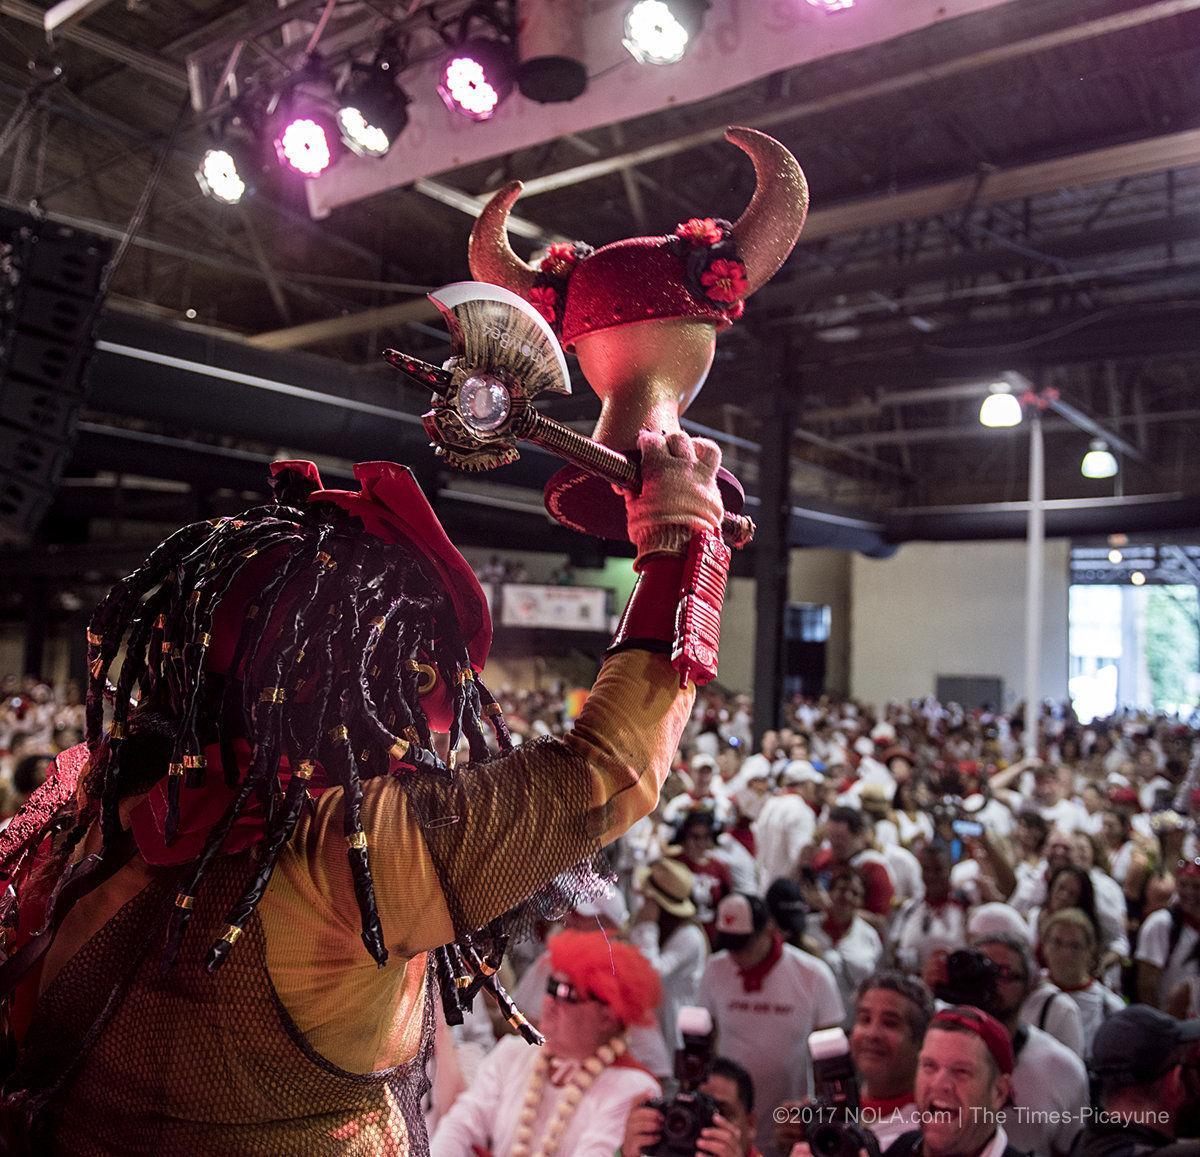 Celebran fiesta de San Fermin y El Txupinazo por una buena causa